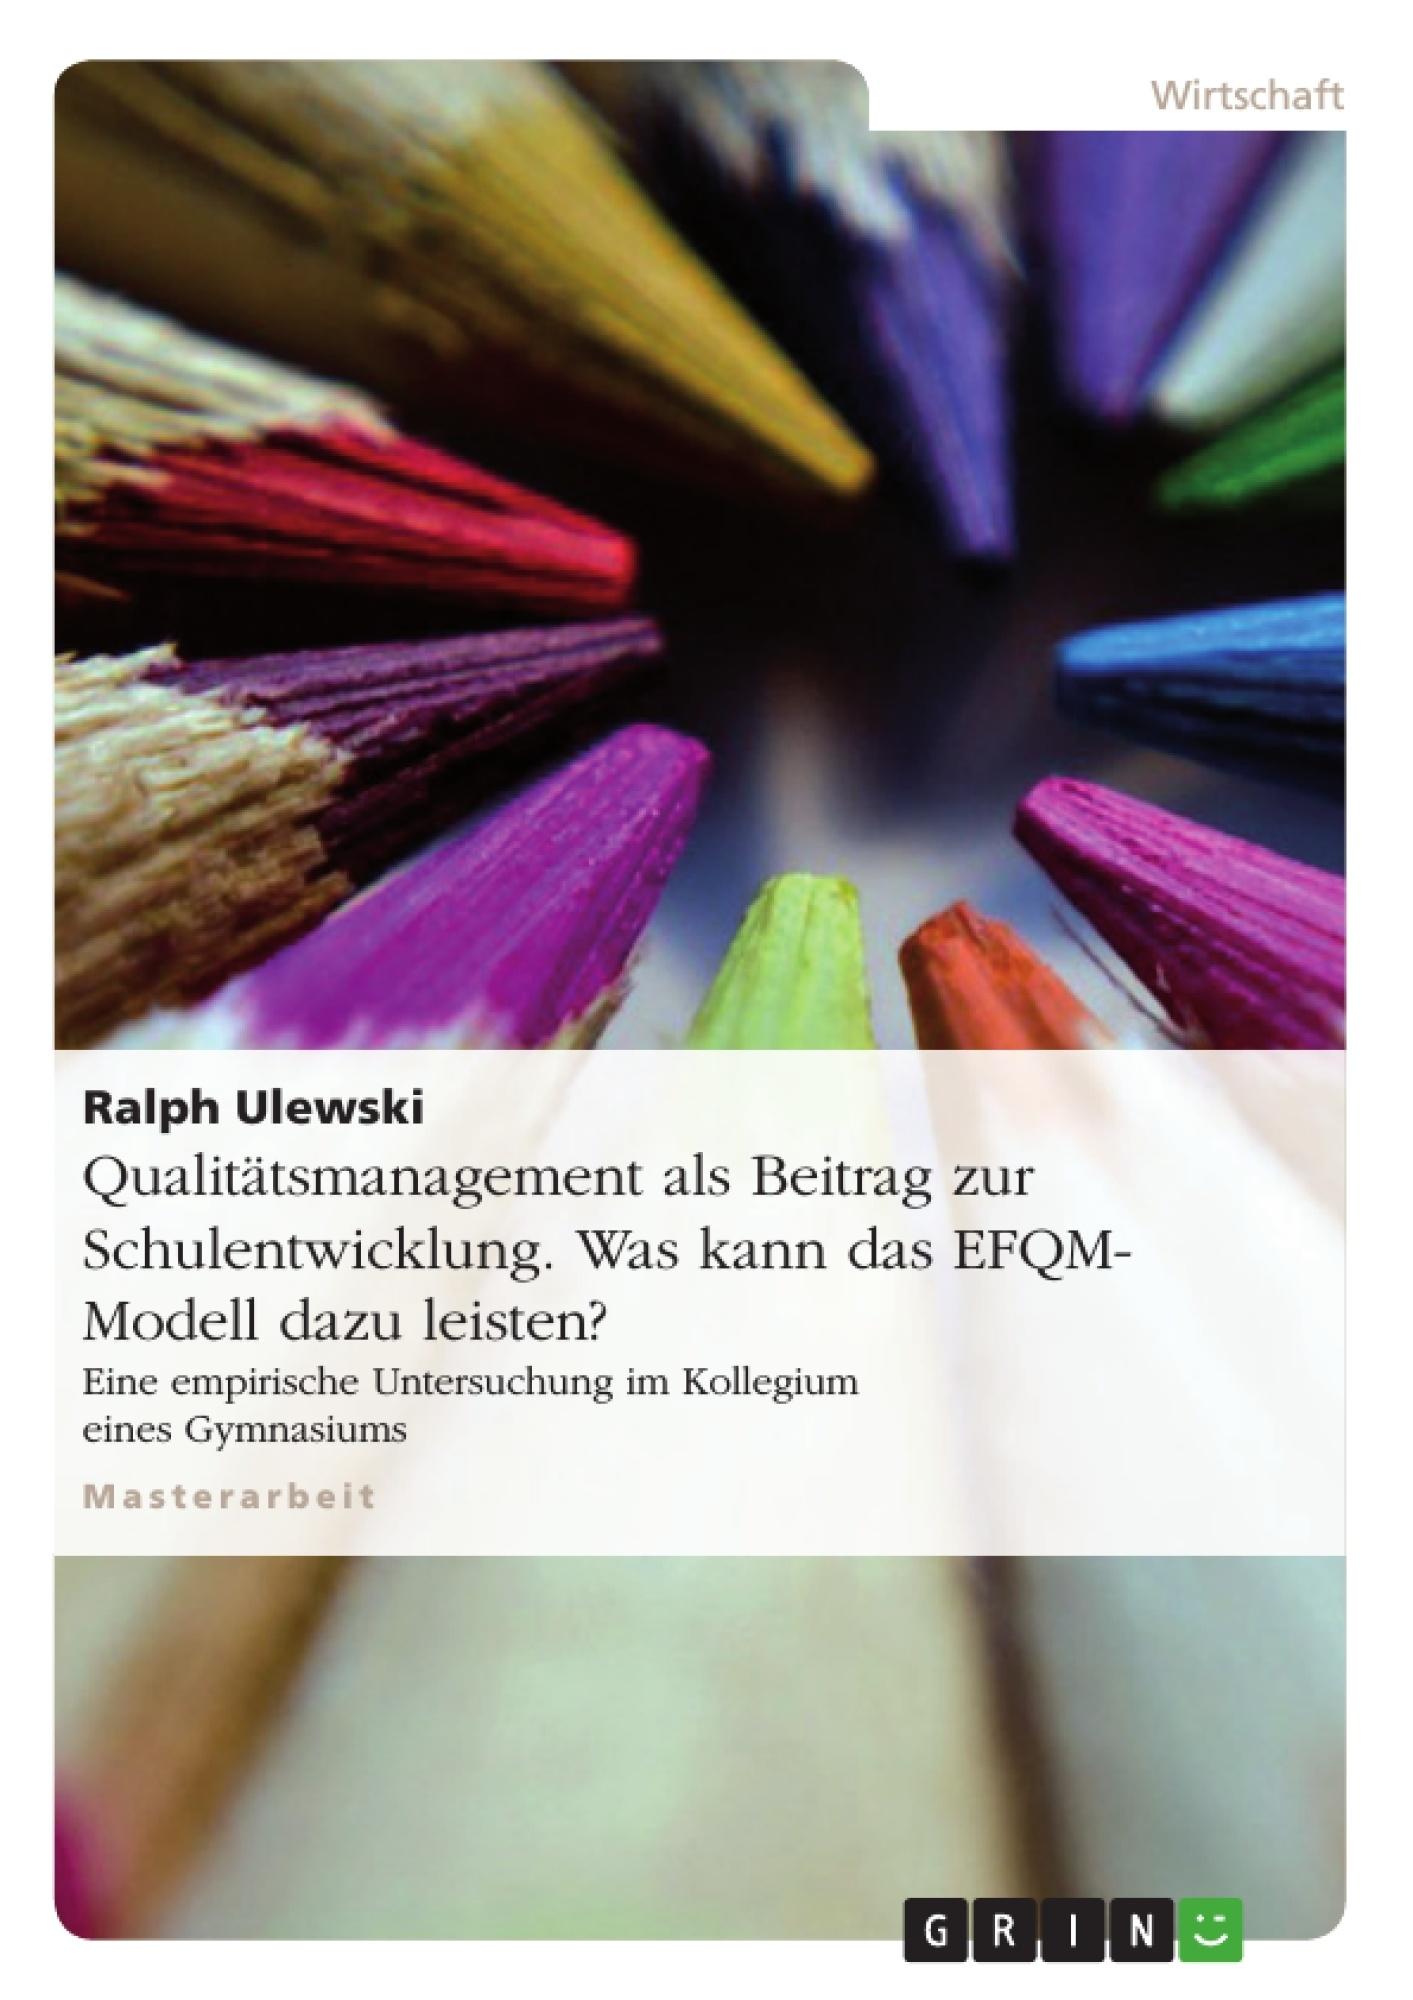 Titel: Qualitätsmanagement als Beitrag zur Schulentwicklung. Was kann das EFQM-Modell dazu leisten?